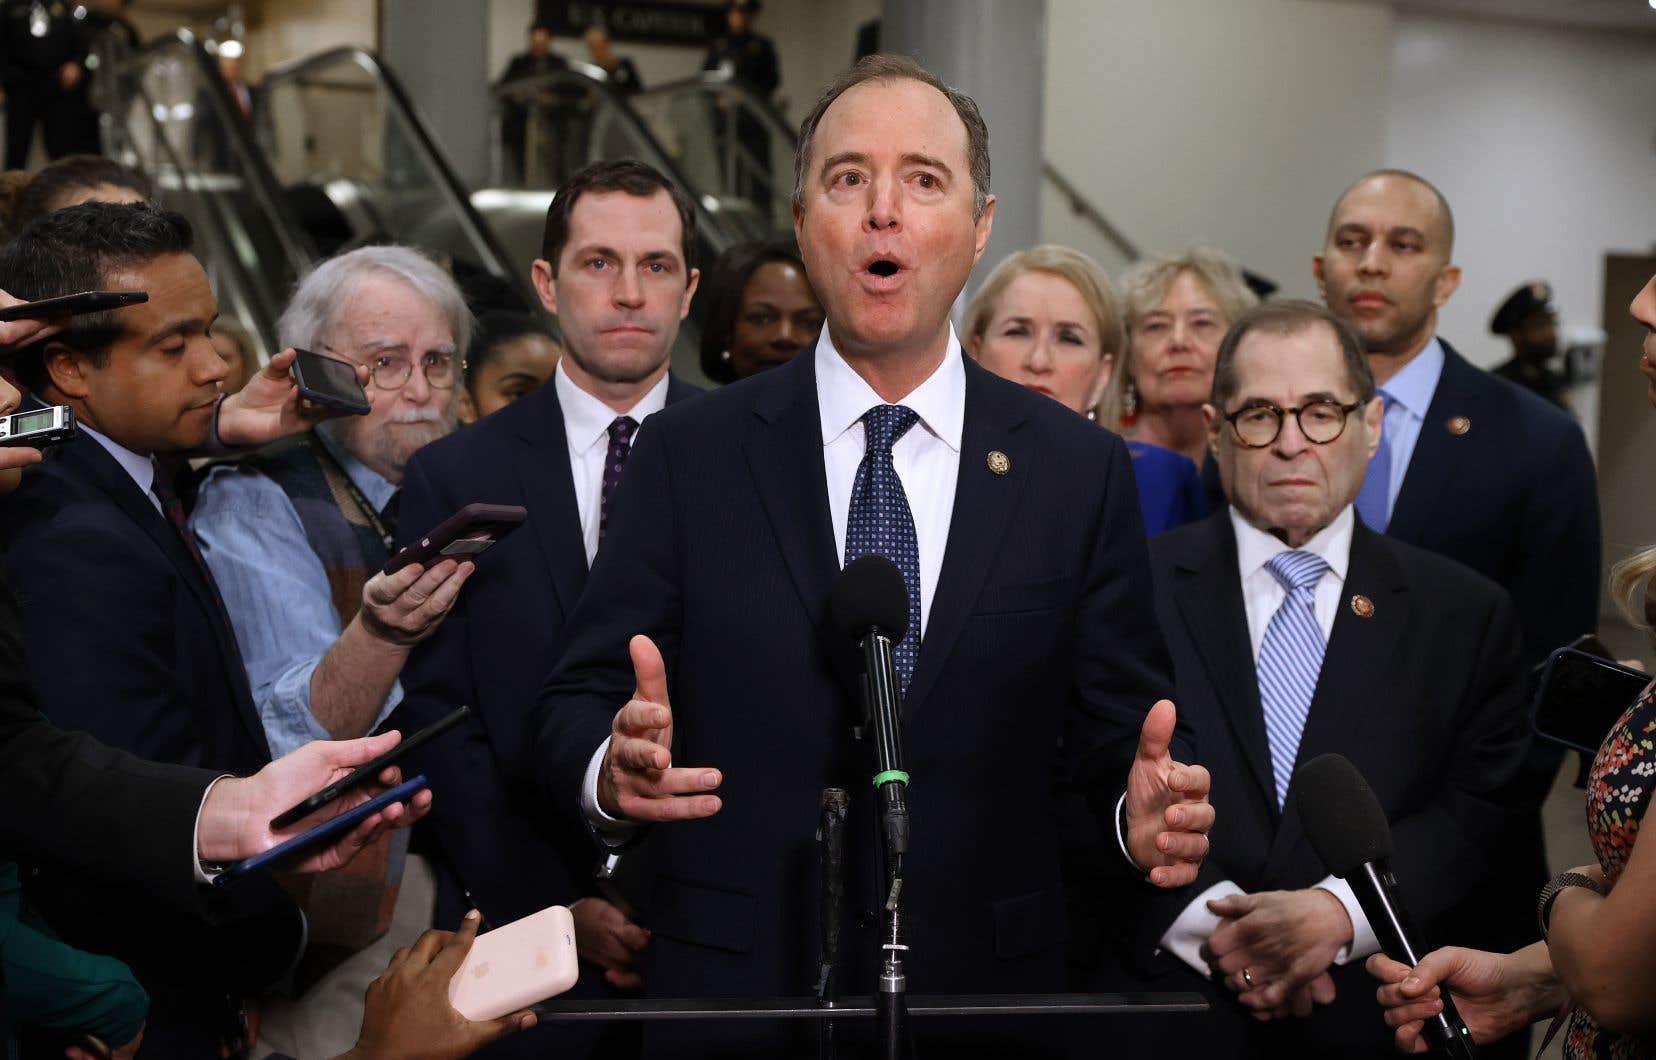 Adam Schiff en tête, l'équipe de procureurs démocrates a rencontré la presse, mercredi matin, avant d'entrer dans l'enceinte du Sénat pour porter les accusations d'abus de pouvoir et d'entrave au travail du Congrès contre les président Donald Trump.